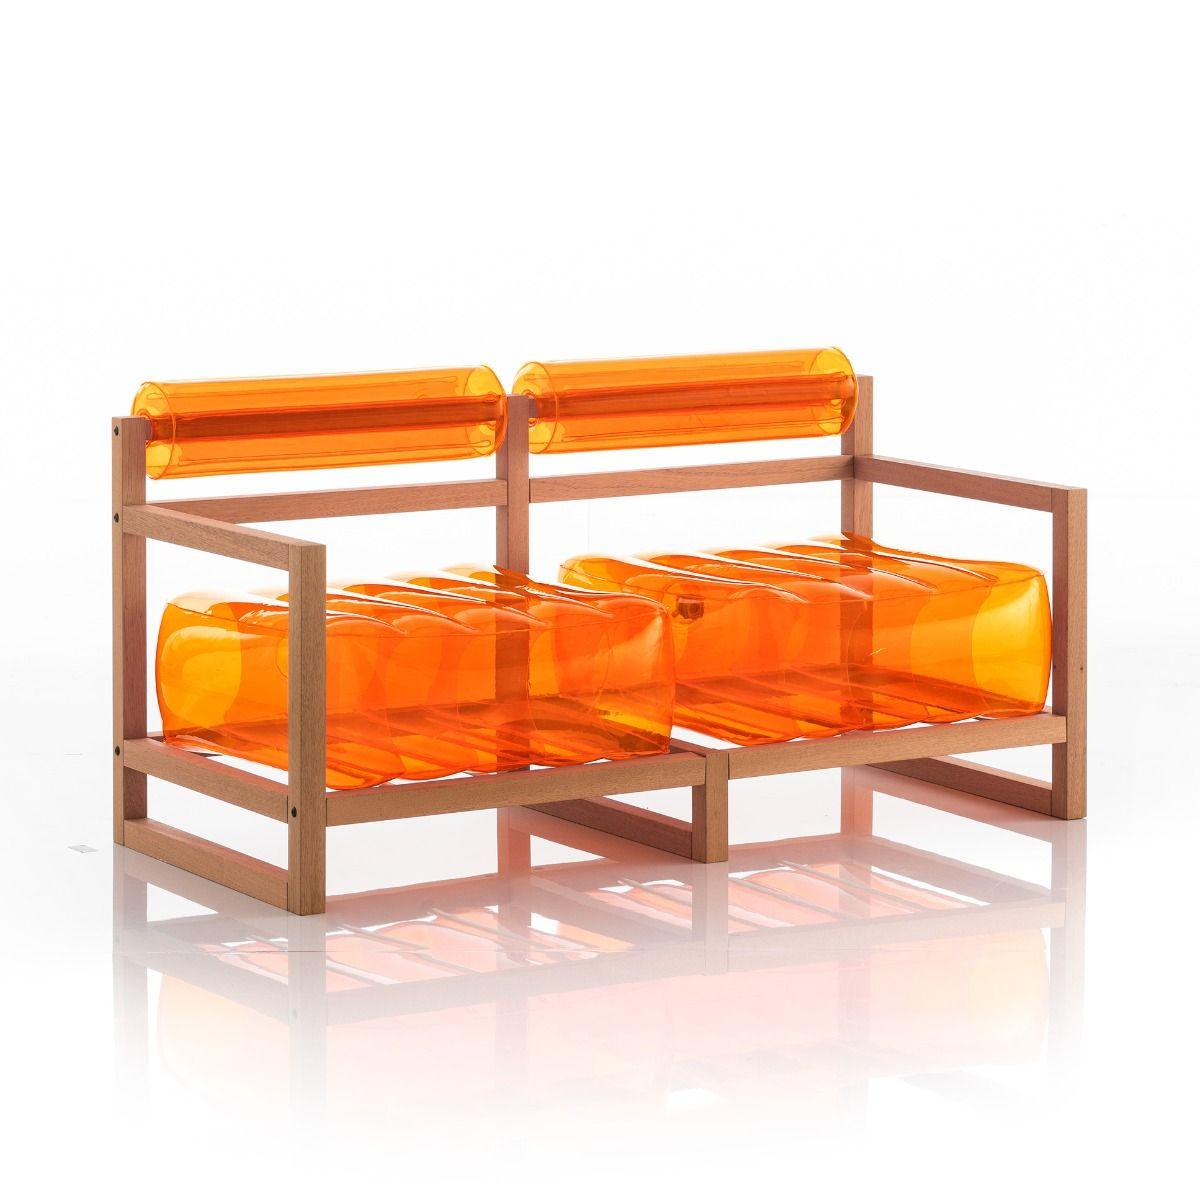 Canapé 2 places pvc orange cristal cadre en bois